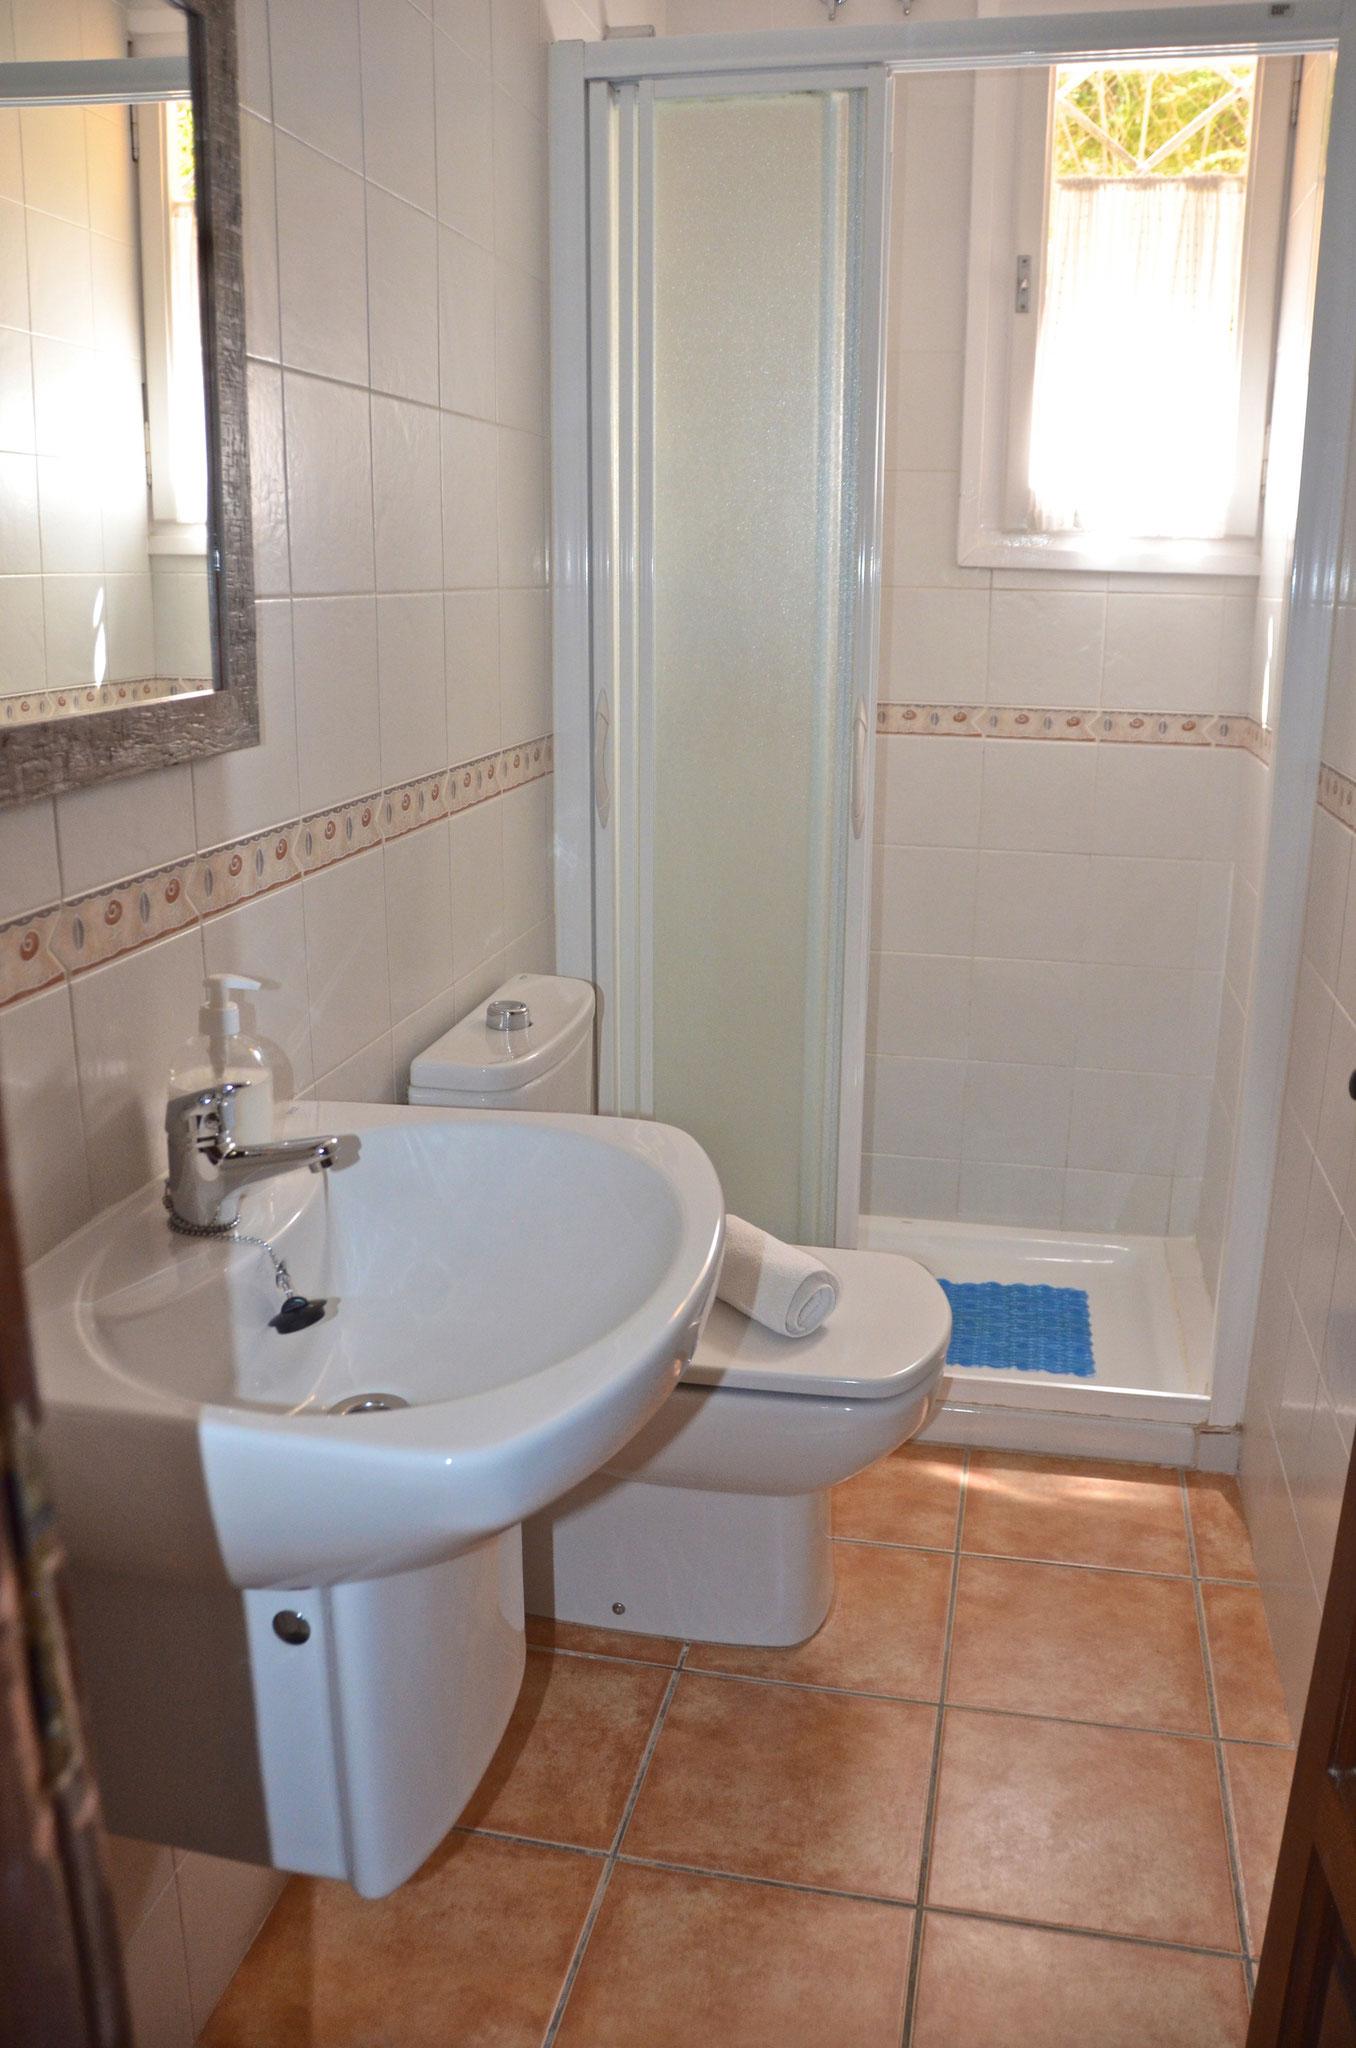 Shower room convenient to bedrooms 2 & 3